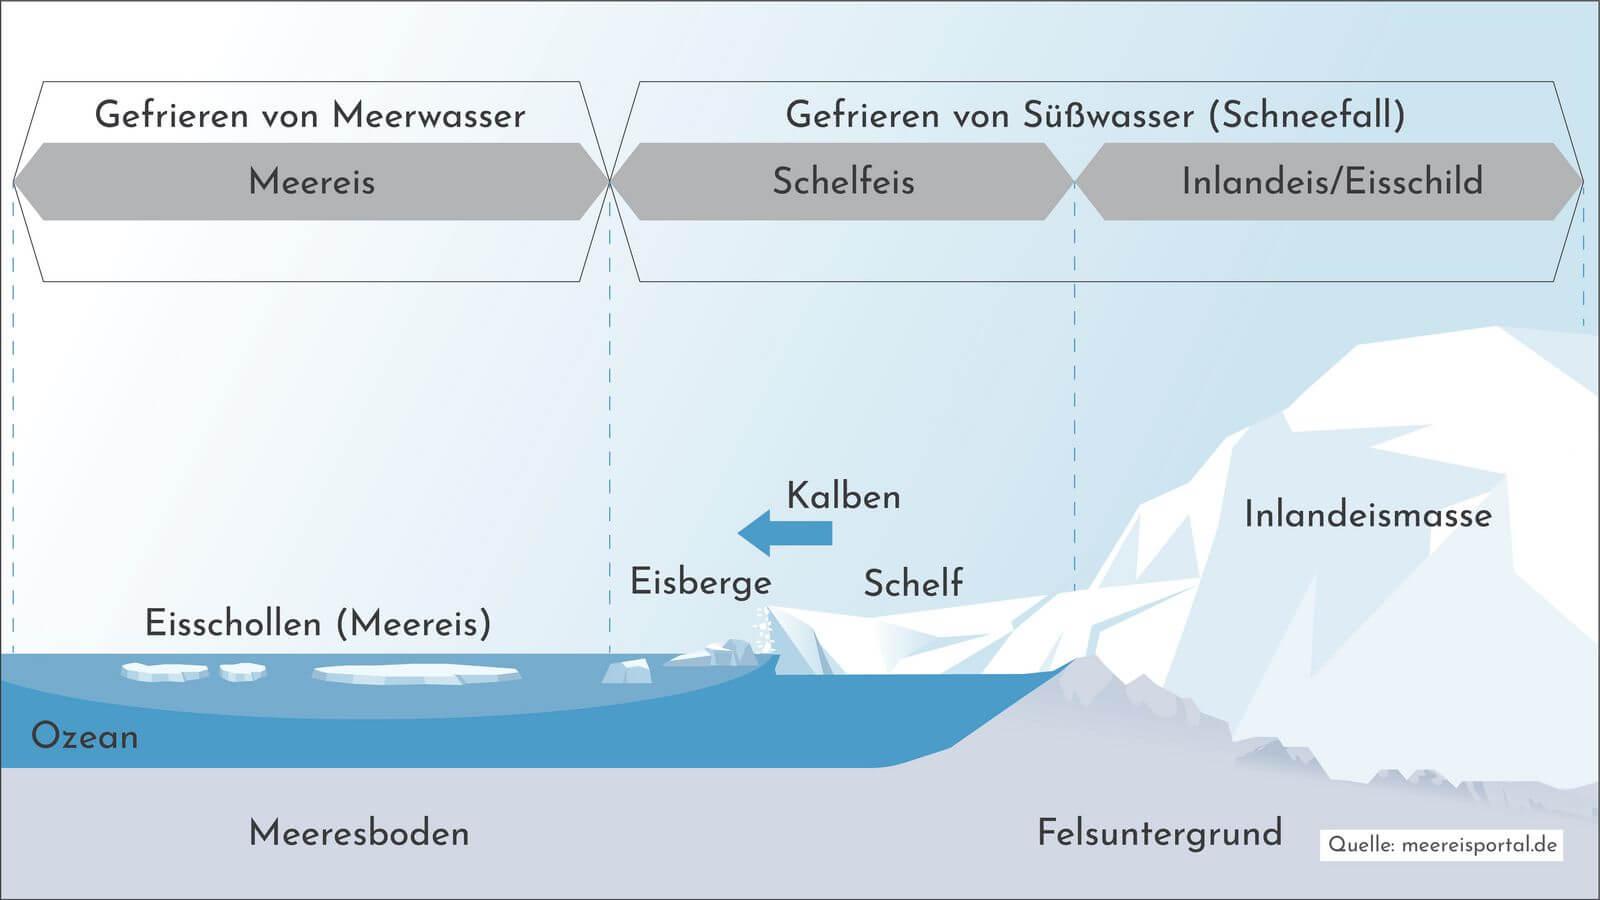 Die Seite Meereisportal.de veranschaulicht den Unterschied zischen Meereis aus Salzwasser und Eis aus Süßwasser mit einer Grafik